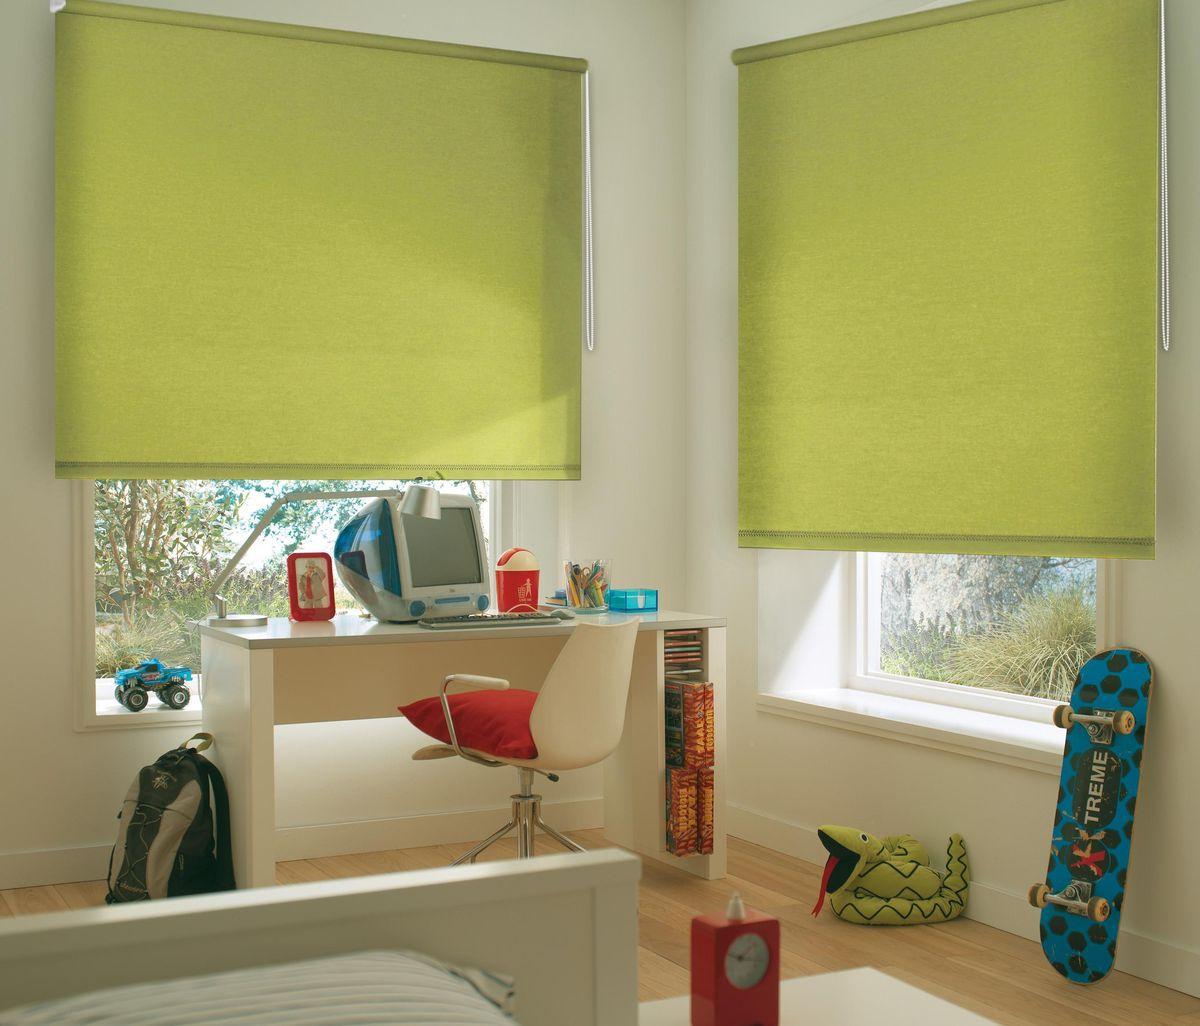 Штора рулонная Эскар, цвет: салатовый, ширина 150 см, высота 170 см81014150170Рулонными шторами можно оформлять окна как самостоятельно, так и использовать в комбинации с портьерами. Это поможет предотвратить выгорание дорогой ткани на солнце и соединит функционал рулонных с красотой навесных. Преимущества применения рулонных штор для пластиковых окон: - имеют прекрасный внешний вид: многообразие и фактурность материала изделия отлично смотрятся в любом интерьере; - многофункциональны: есть возможность подобрать шторы способные эффективно защитить комнату от солнца, при этом о на не будет слишком темной. - Есть возможность осуществить быстрый монтаж. ВНИМАНИЕ! Размеры ширины изделия указаны по ширине ткани! Во время эксплуатации не рекомендуется полностью разматывать рулон, чтобы не оторвать ткань от намоточного вала. В случае загрязнения поверхности ткани, чистку шторы проводят одним из способов, в зависимости от типа загрязнения: легкое поверхностное загрязнение можно удалить при помощи...